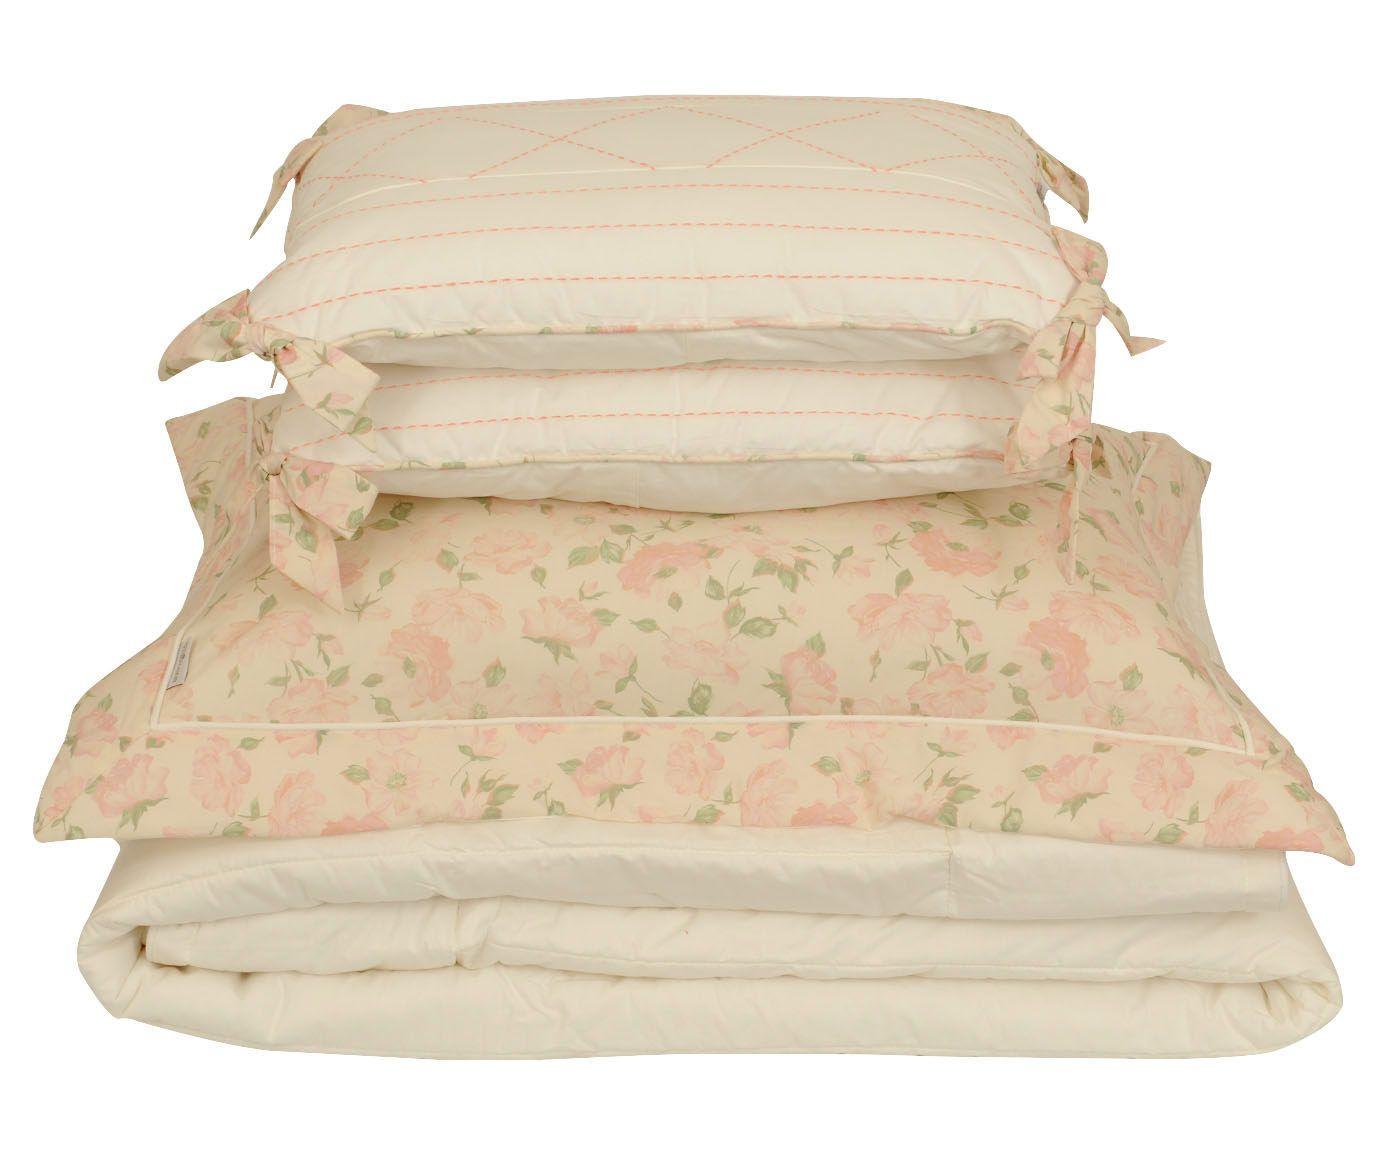 Jogo com colcha mahina para cama king size 200 fios | Westwing.com.br